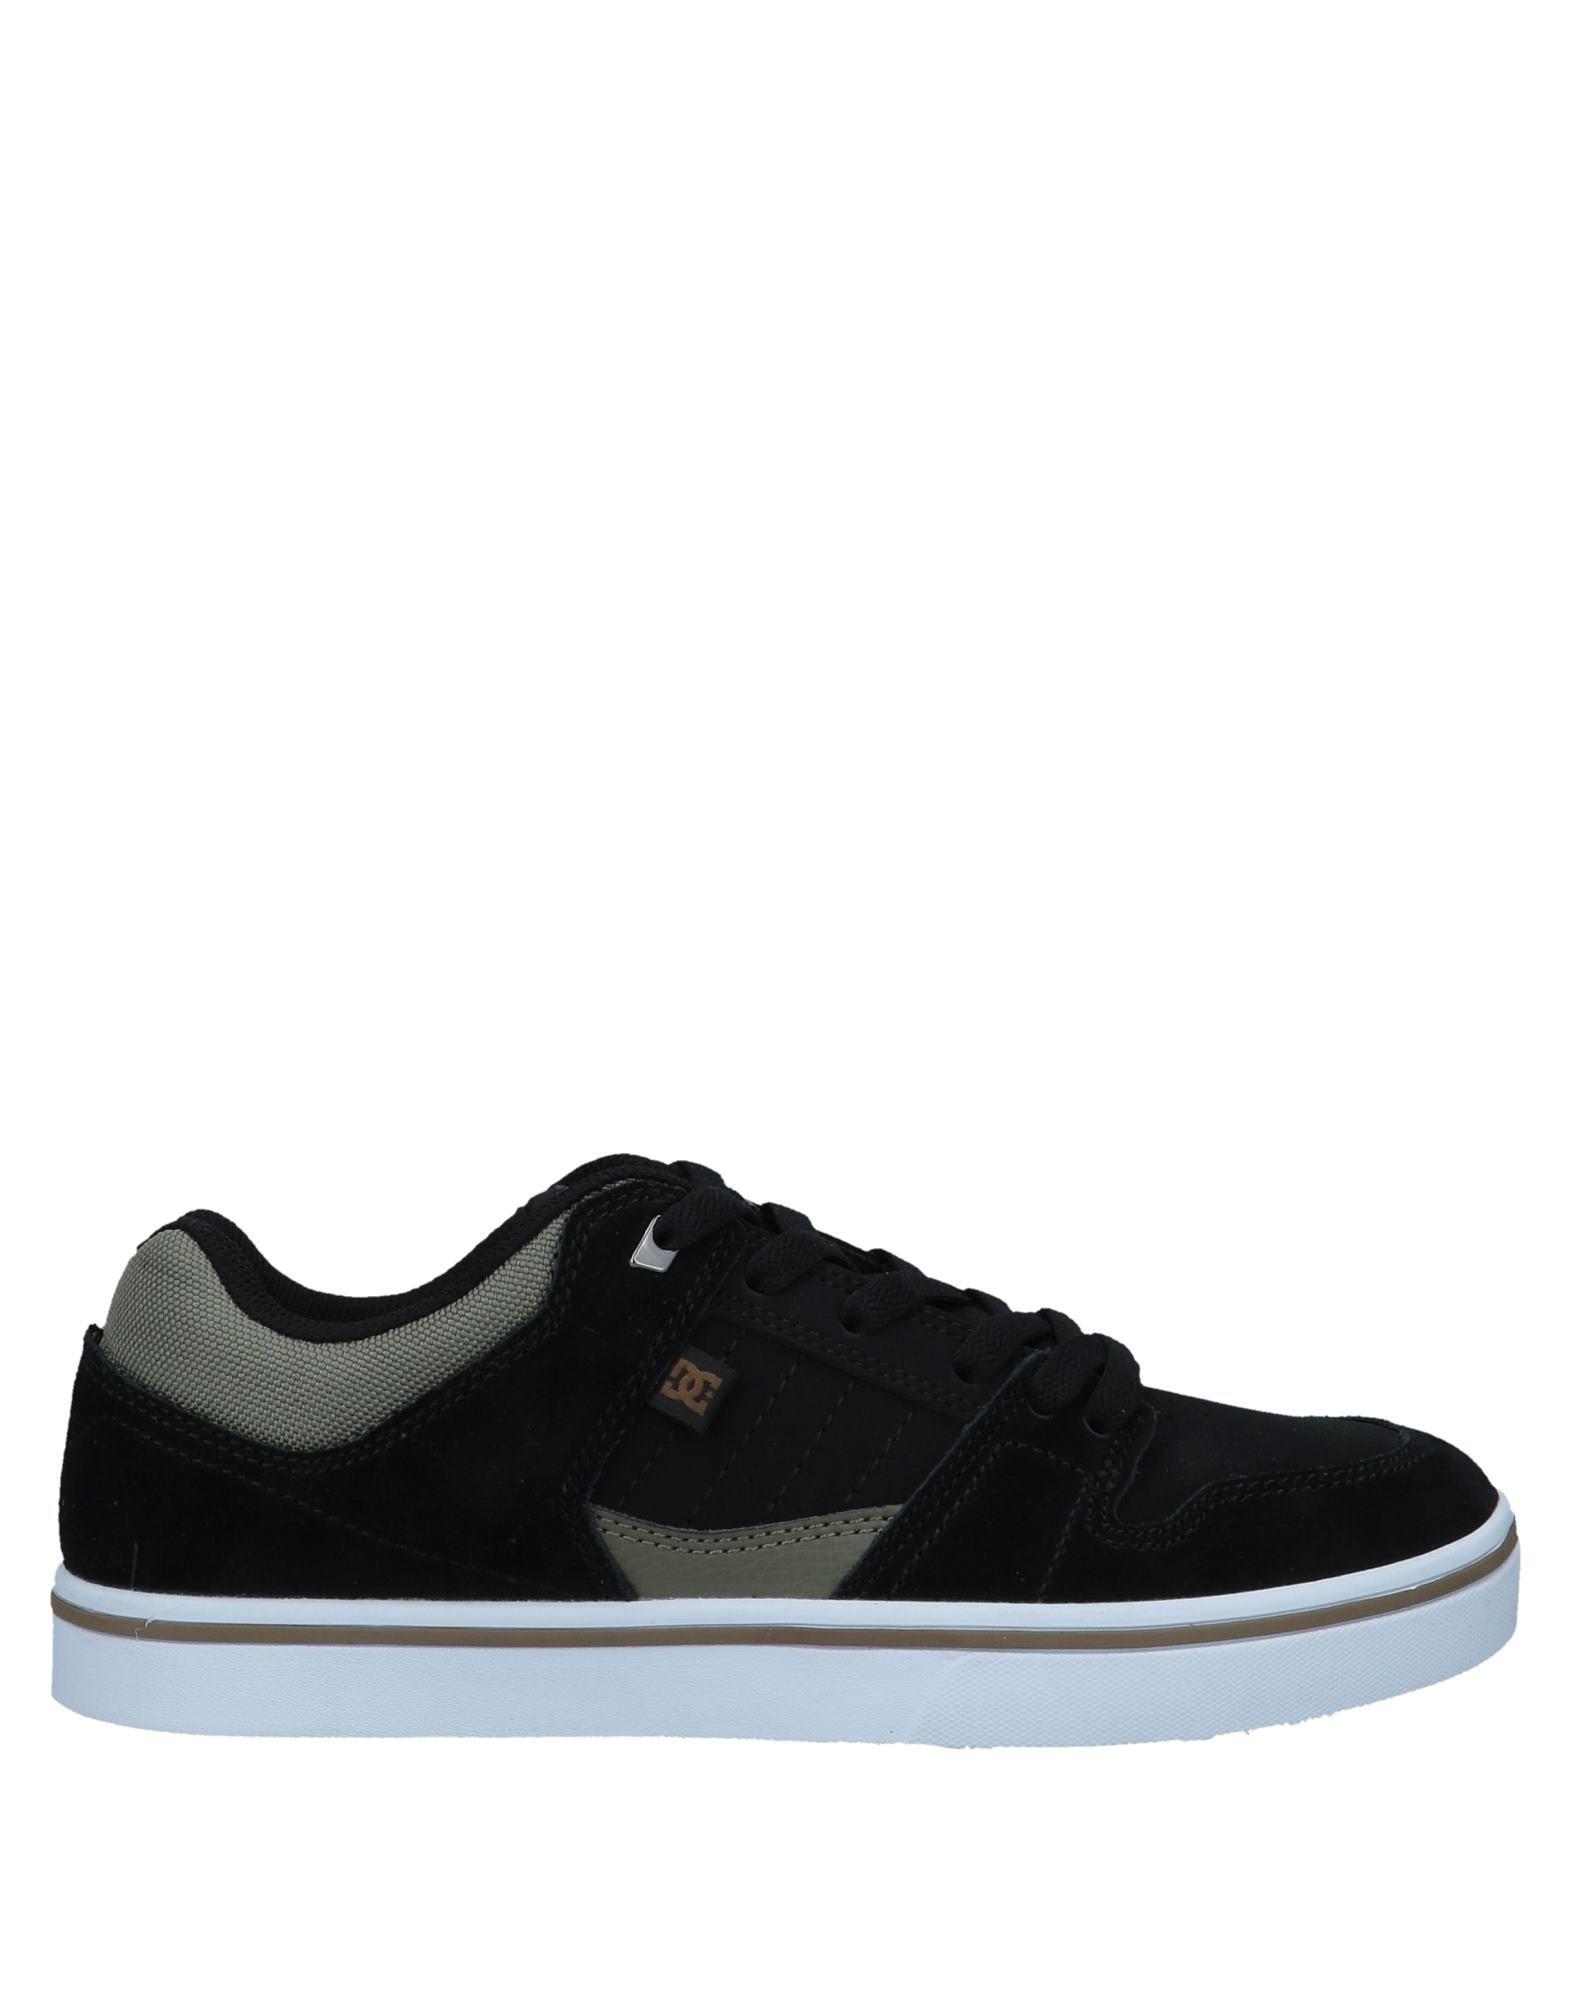 DC SHOECOUSA Низкие кеды и кроссовки кеды кроссовки низкие детские dc pure elastic se blue black white